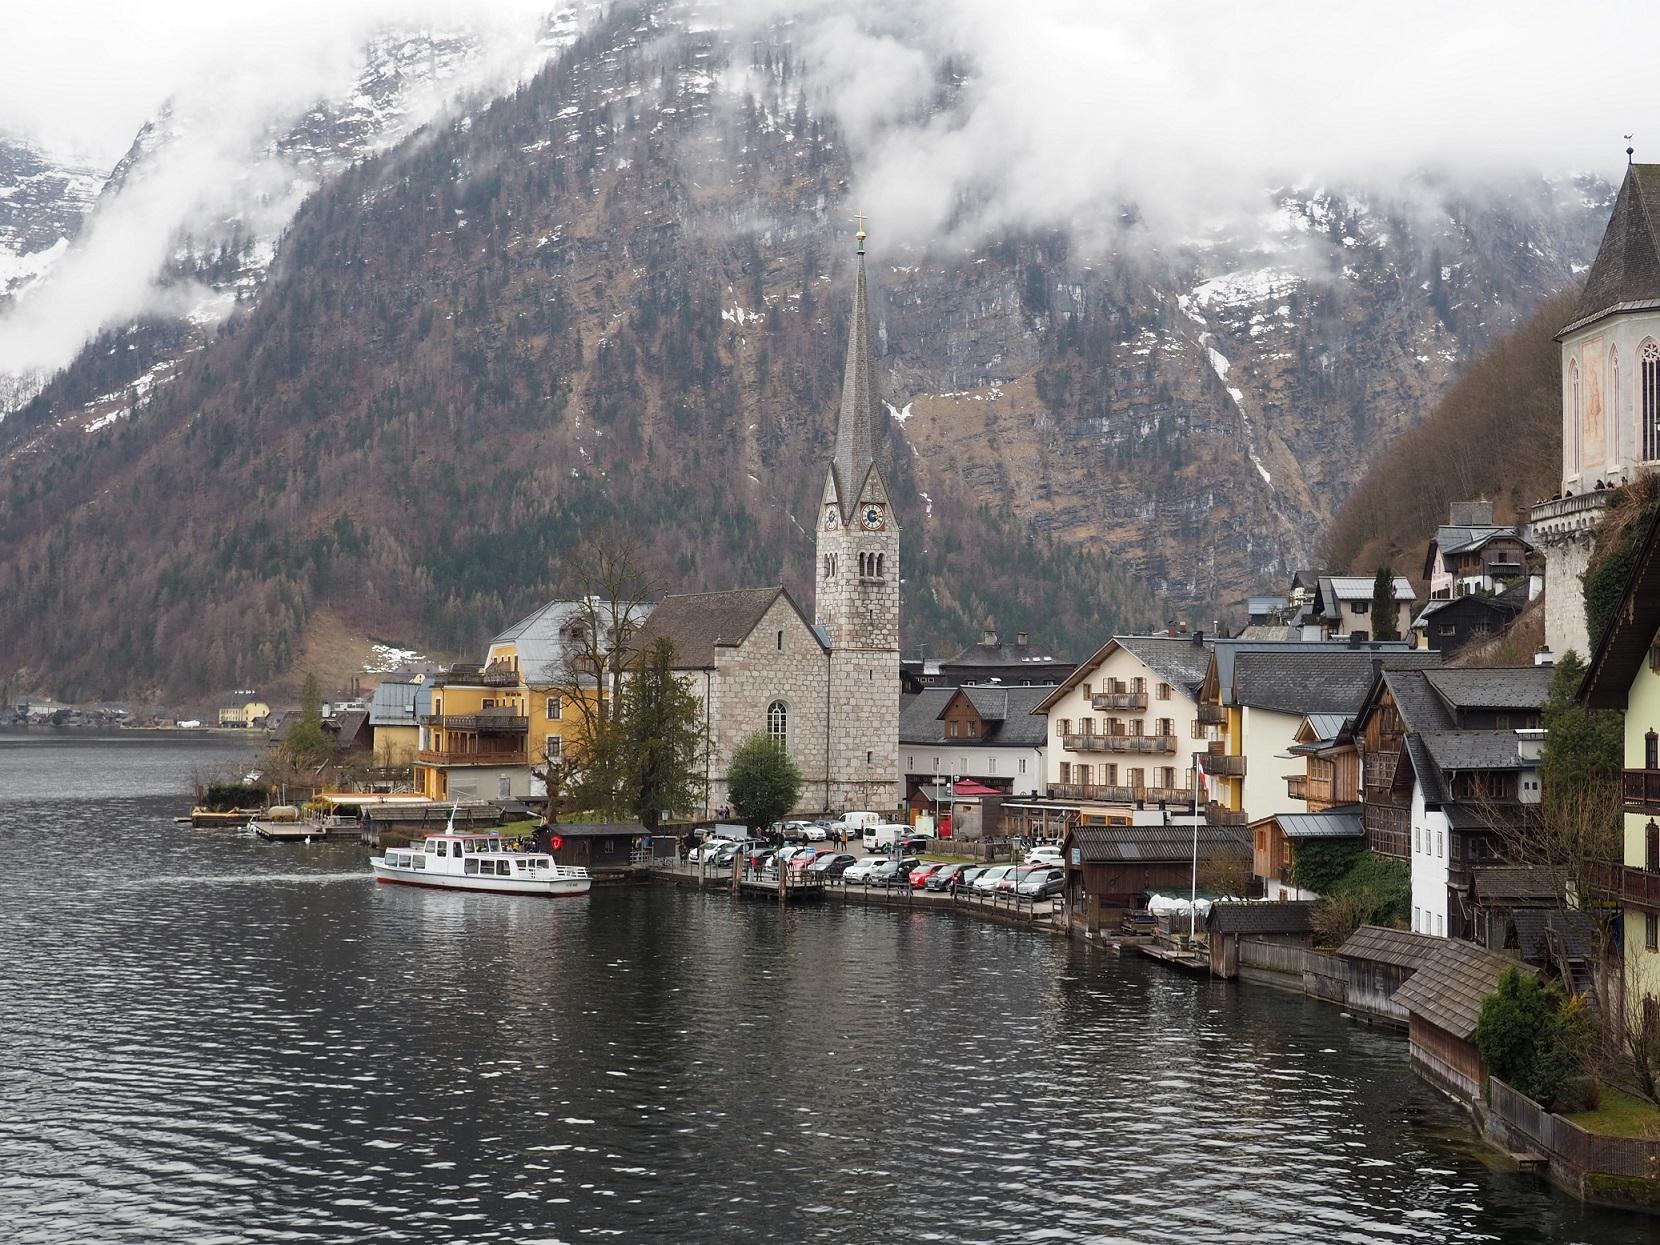 Eglise d'Hallsatt en Haute-Autriche